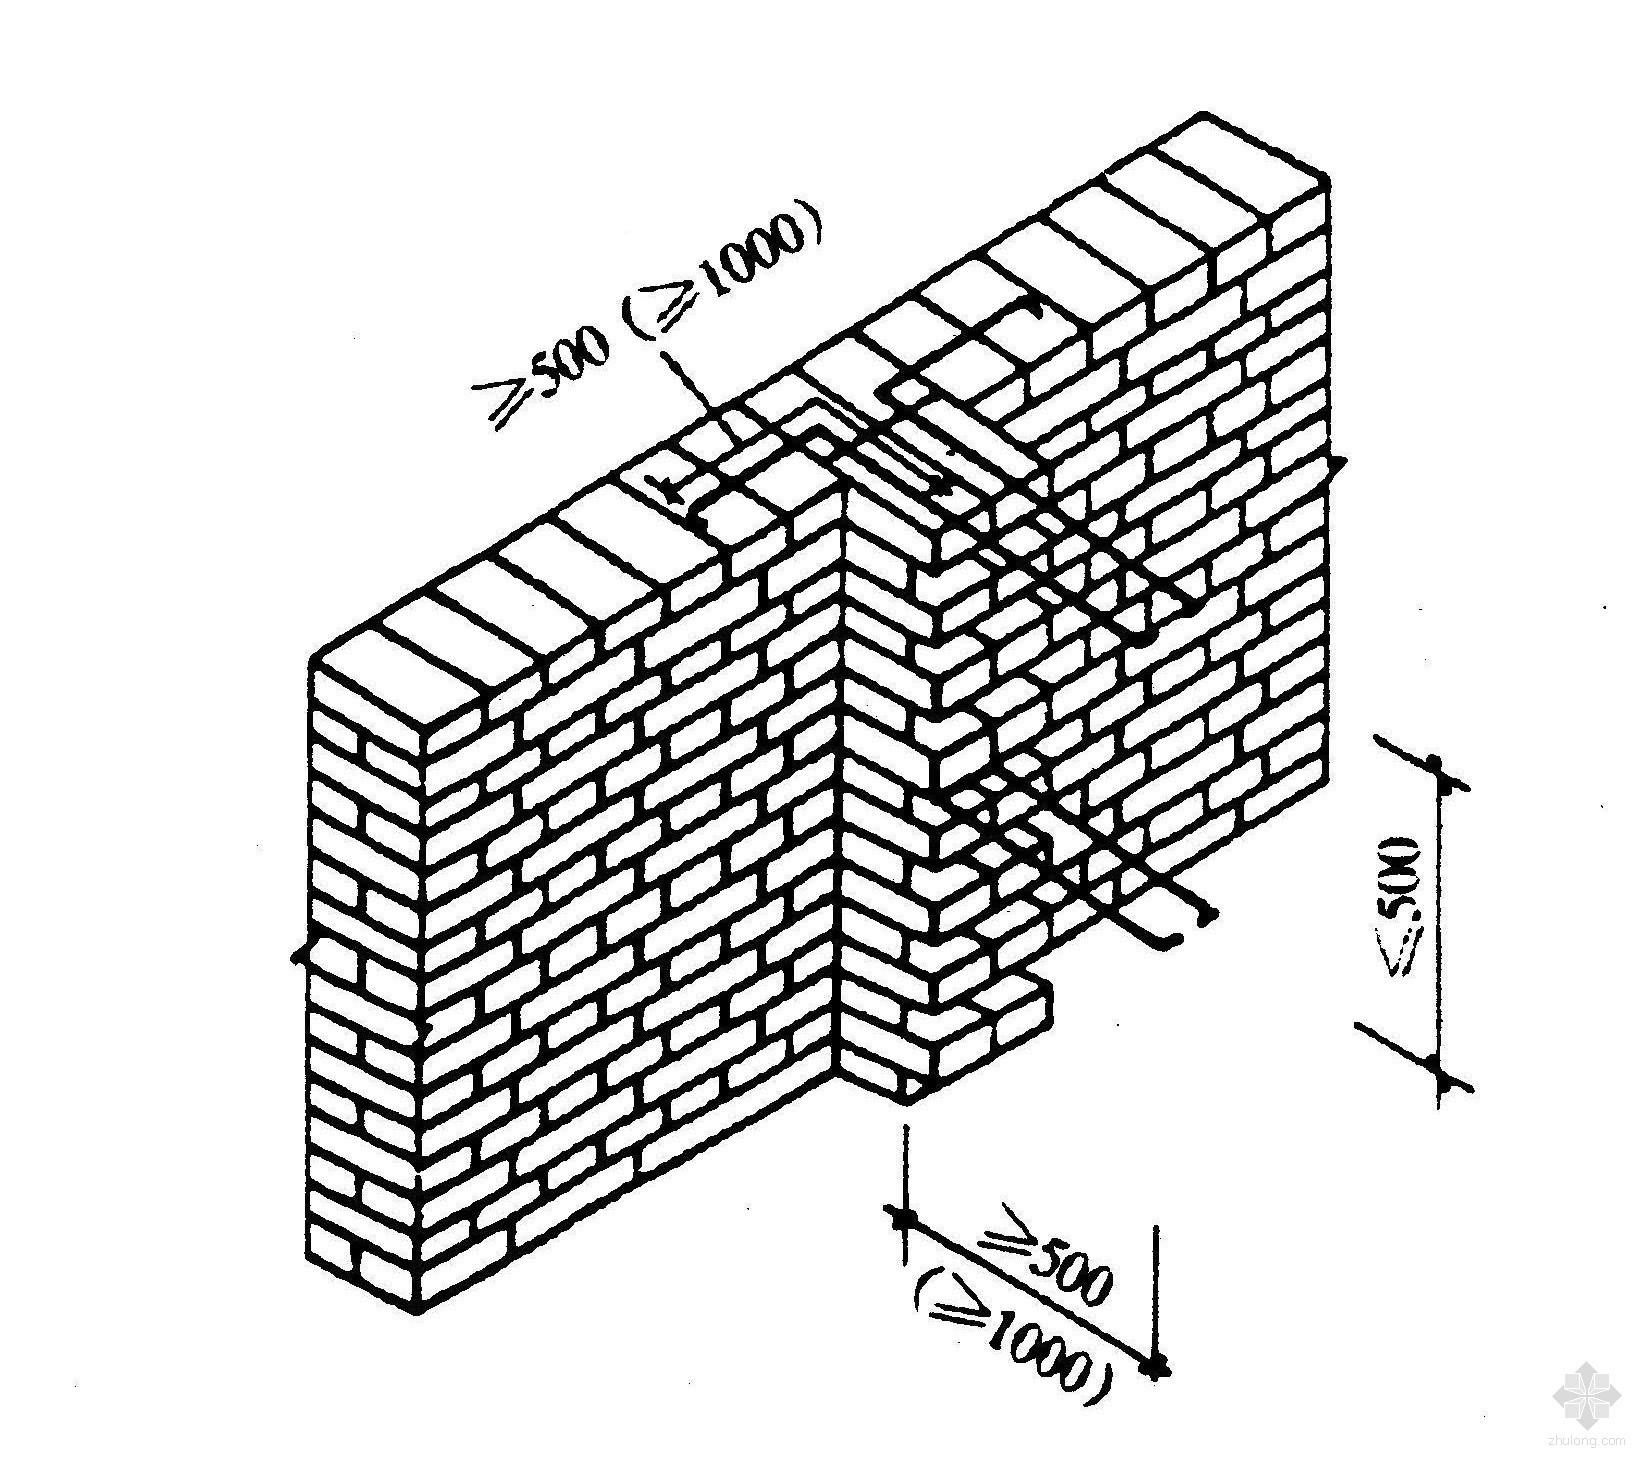 必须充分了解设计意图和代换材料性能,严格遵守现行钢筋砼设计规范的